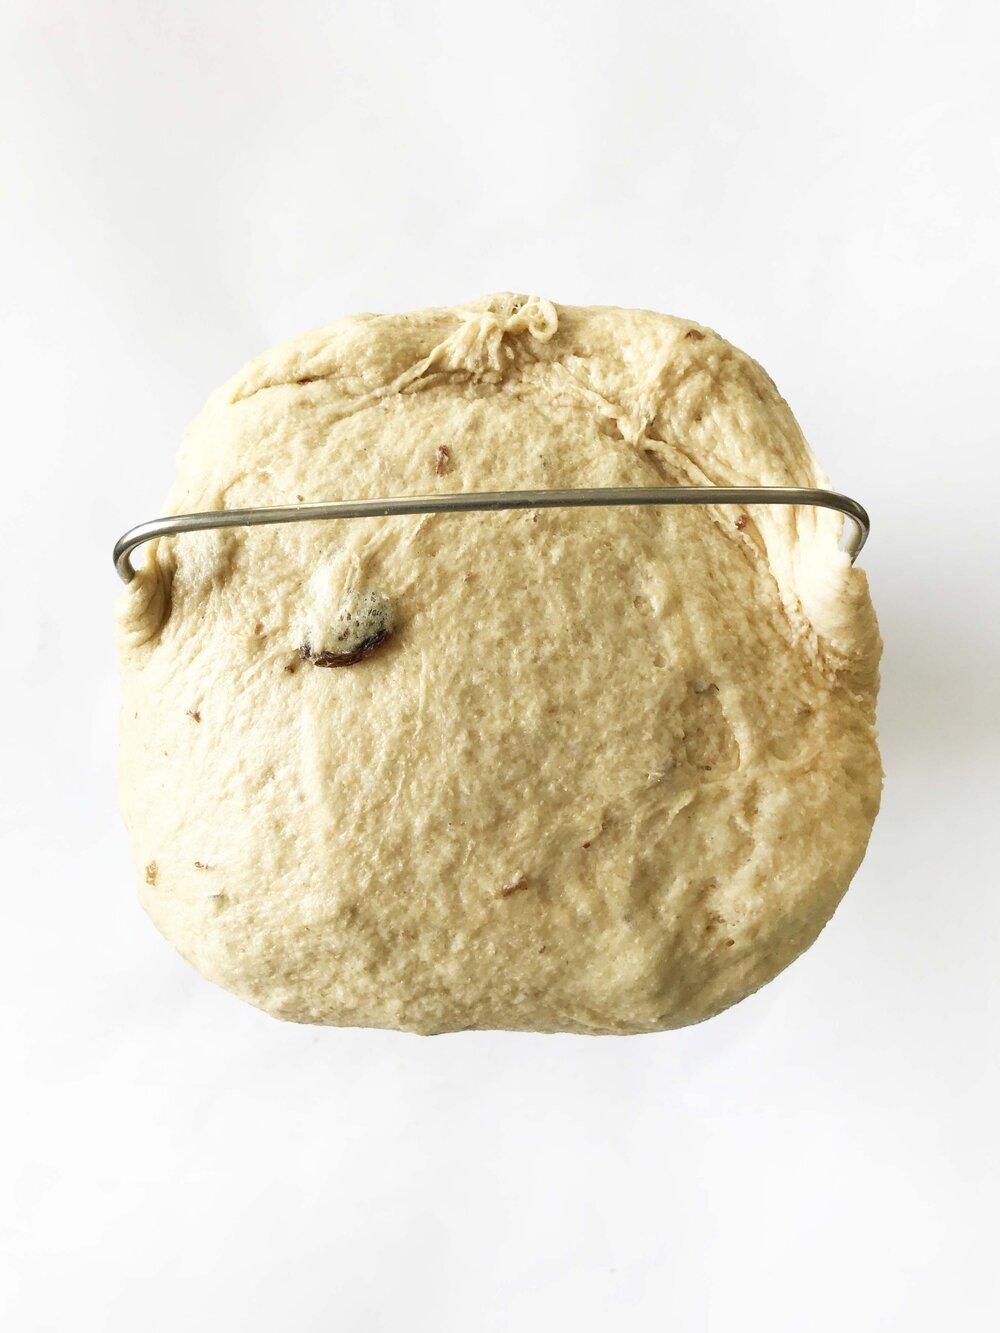 cinnamon-raisin-bread2.jpg